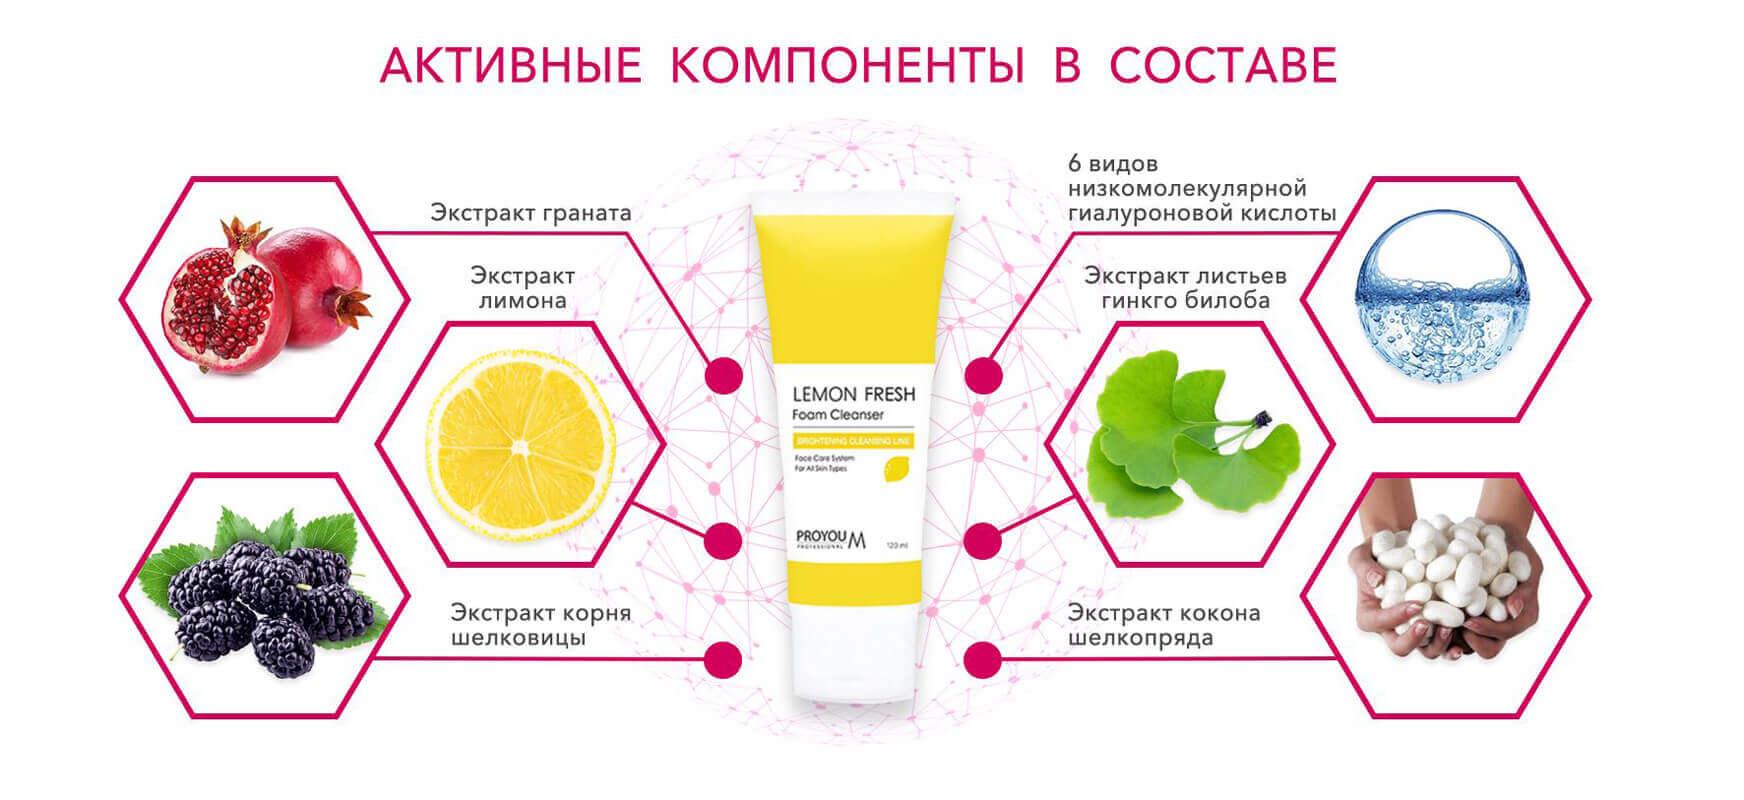 Активные компоненты пенки с лимоном Pro You M